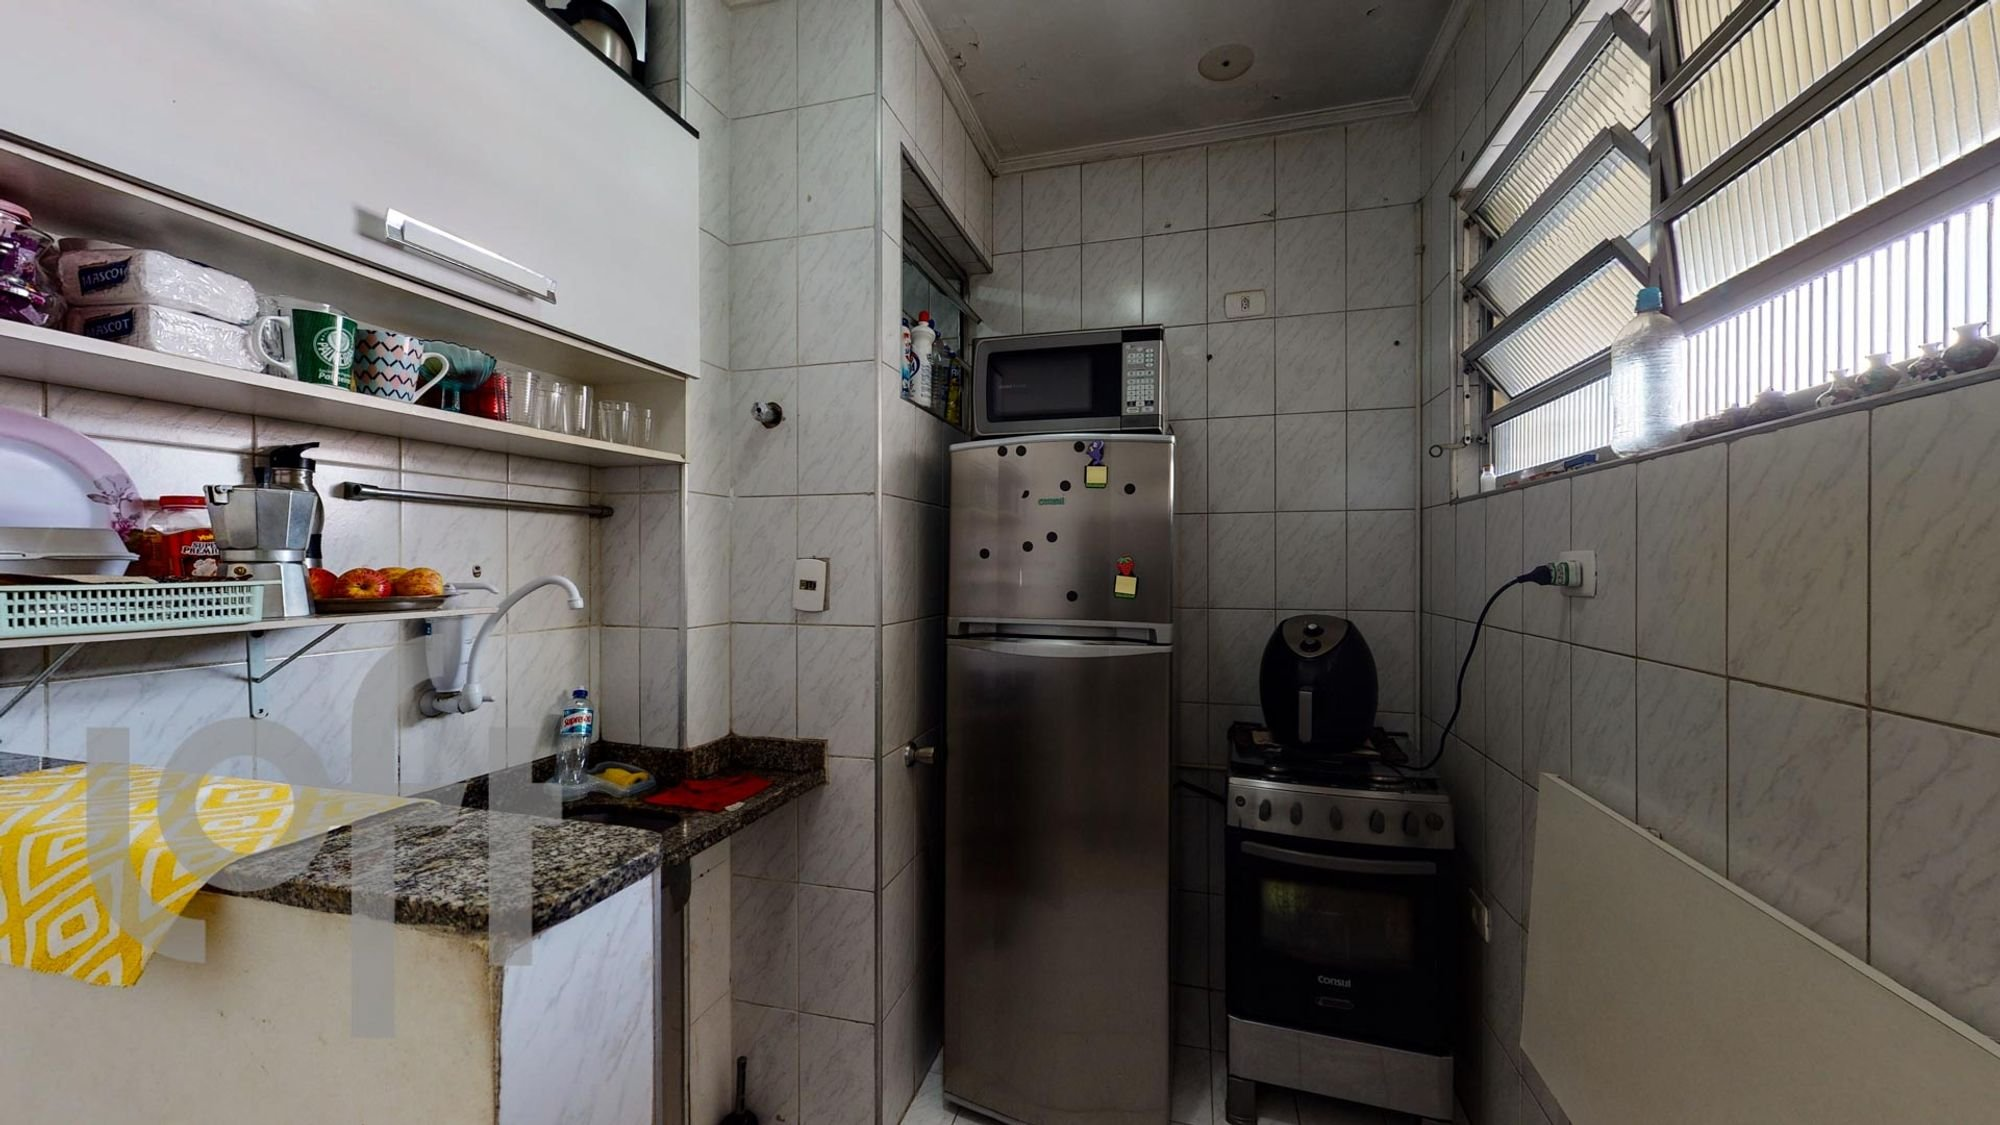 Foto de Cozinha com garrafa, forno, geladeira, microondas